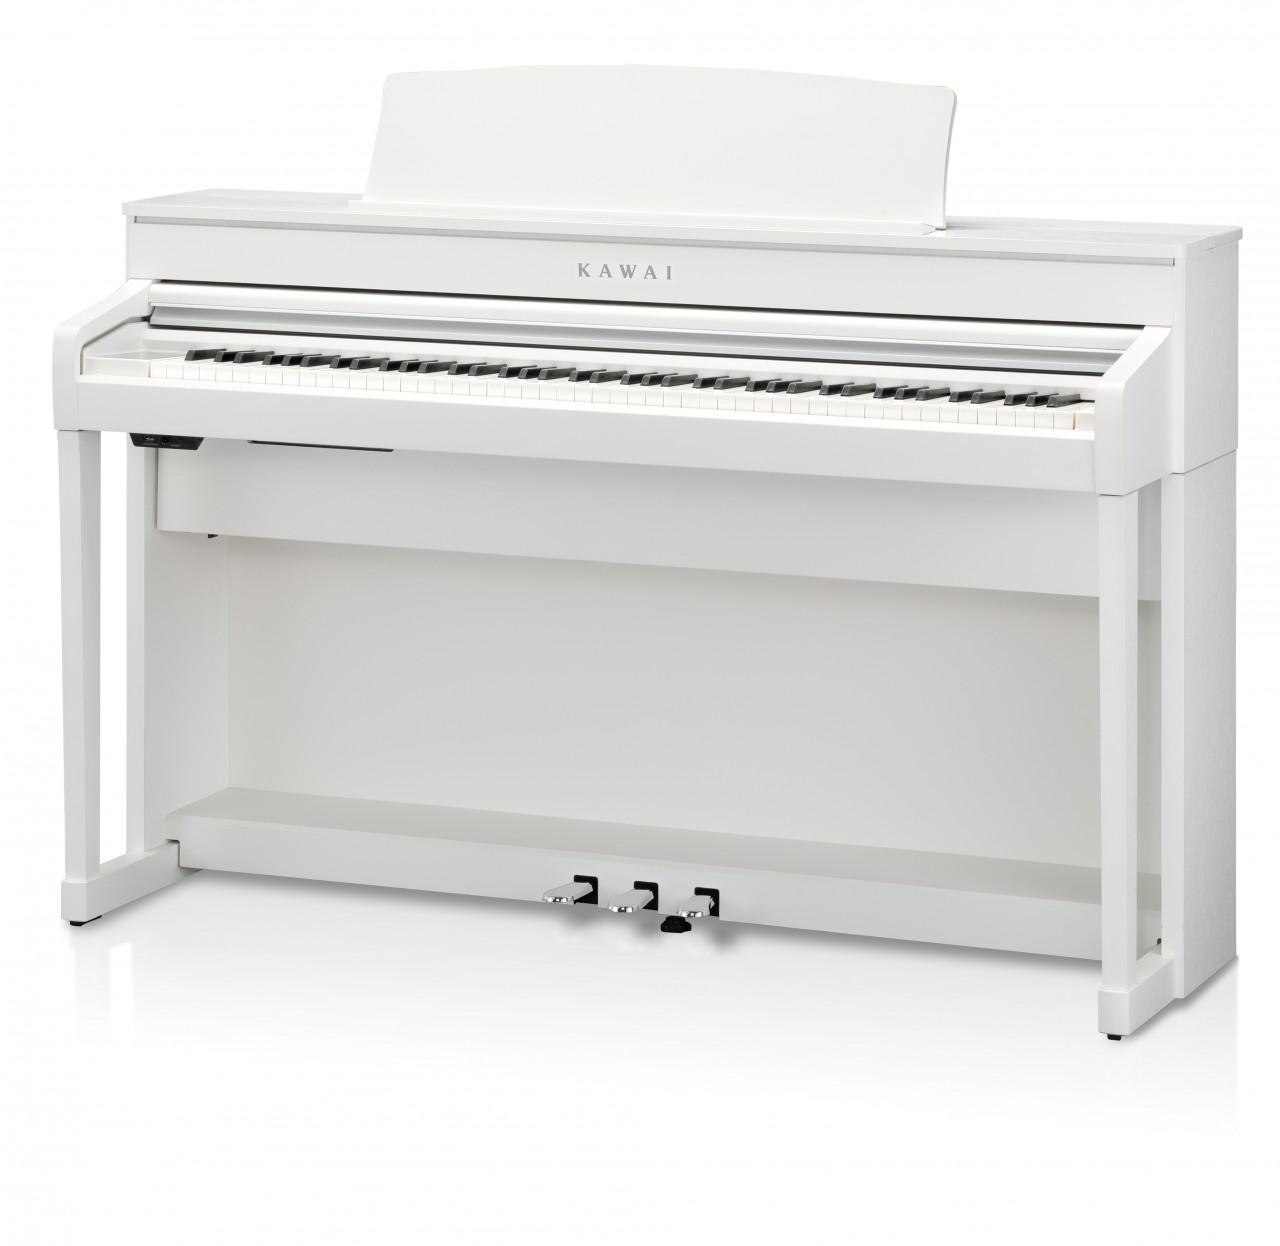 KAWAI CA 79 Digitale piano